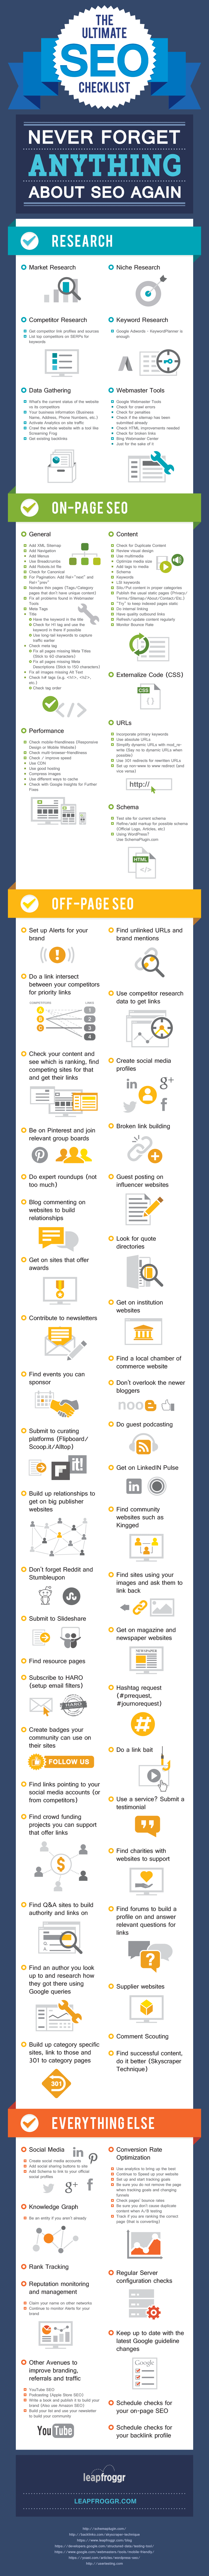 Ultimate SEO checklist